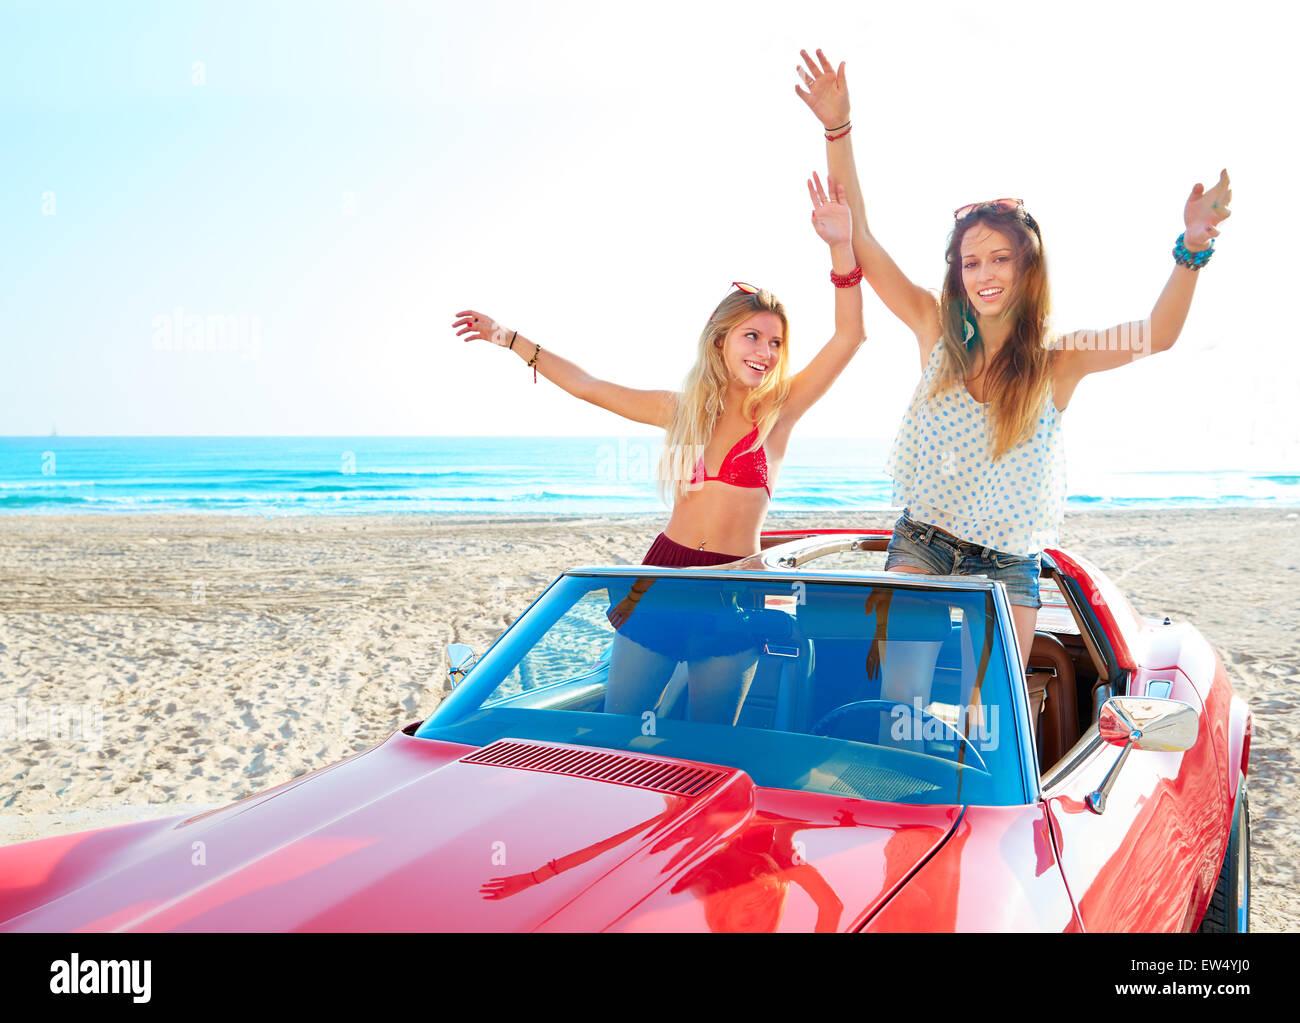 Hermosa fiesta amigo chicas bailando en un coche en la playa feliz Foto de stock